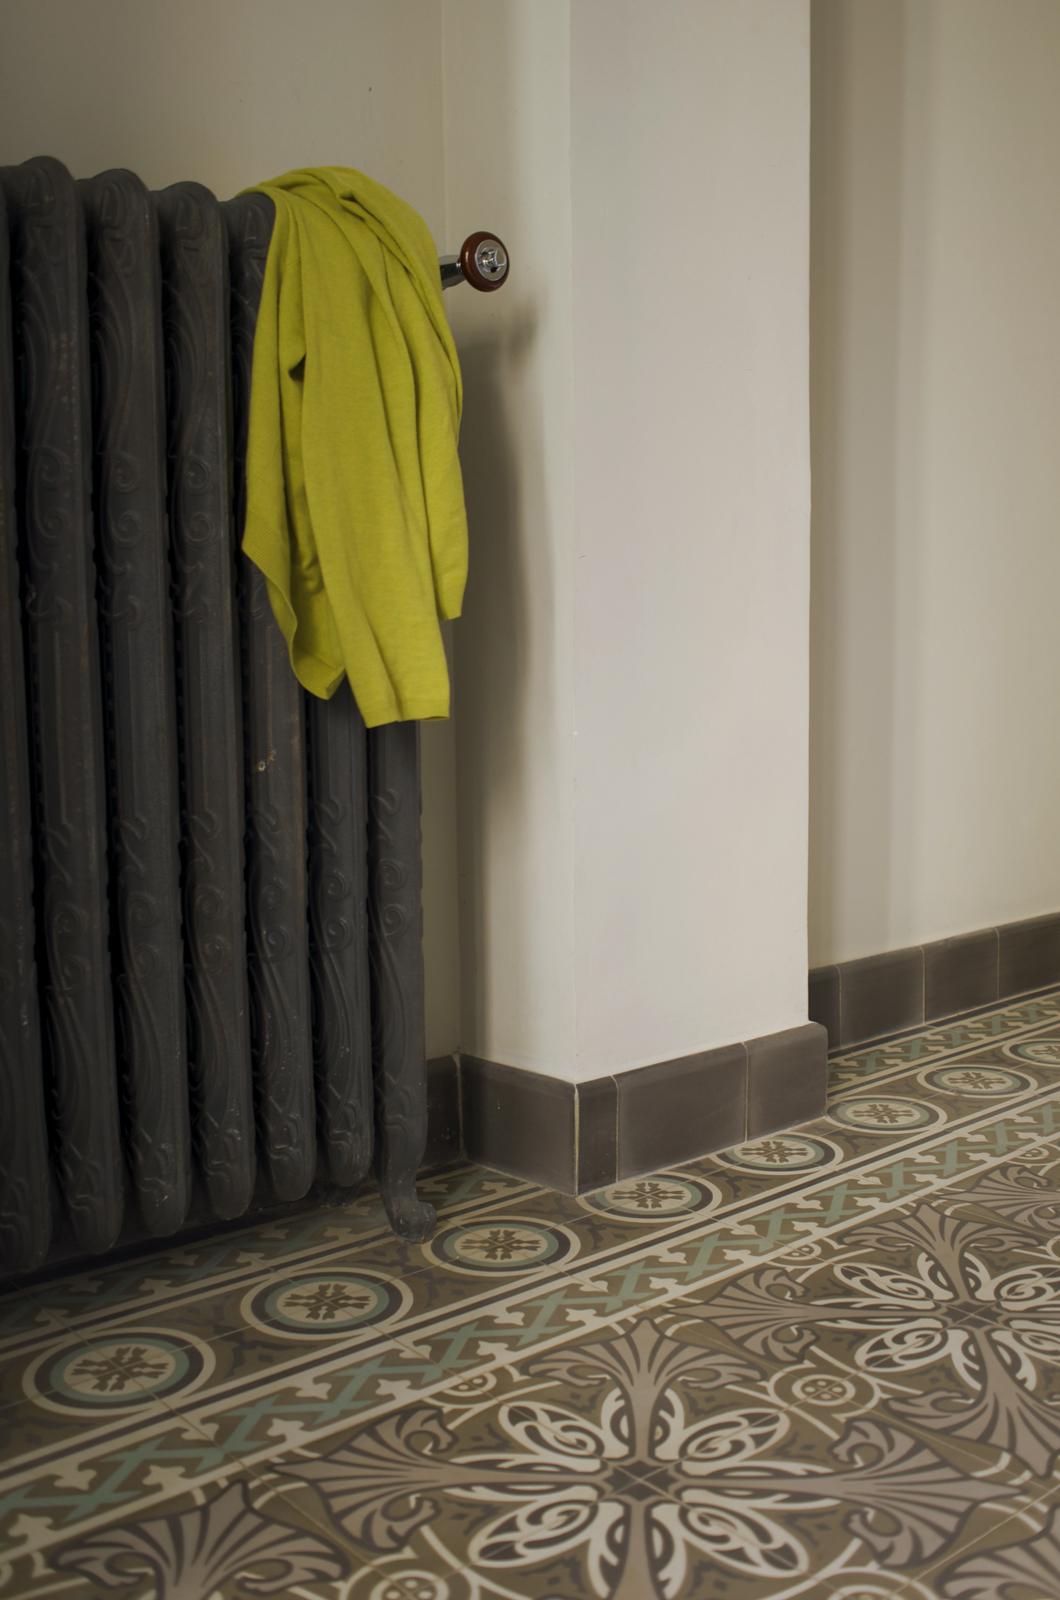 kreidefarbe-Leinen-110-schlafzimmer-heizung-zementfliesen-terrazzofliesen-viaplatten | Kreidefarbe Leinen 60 ml